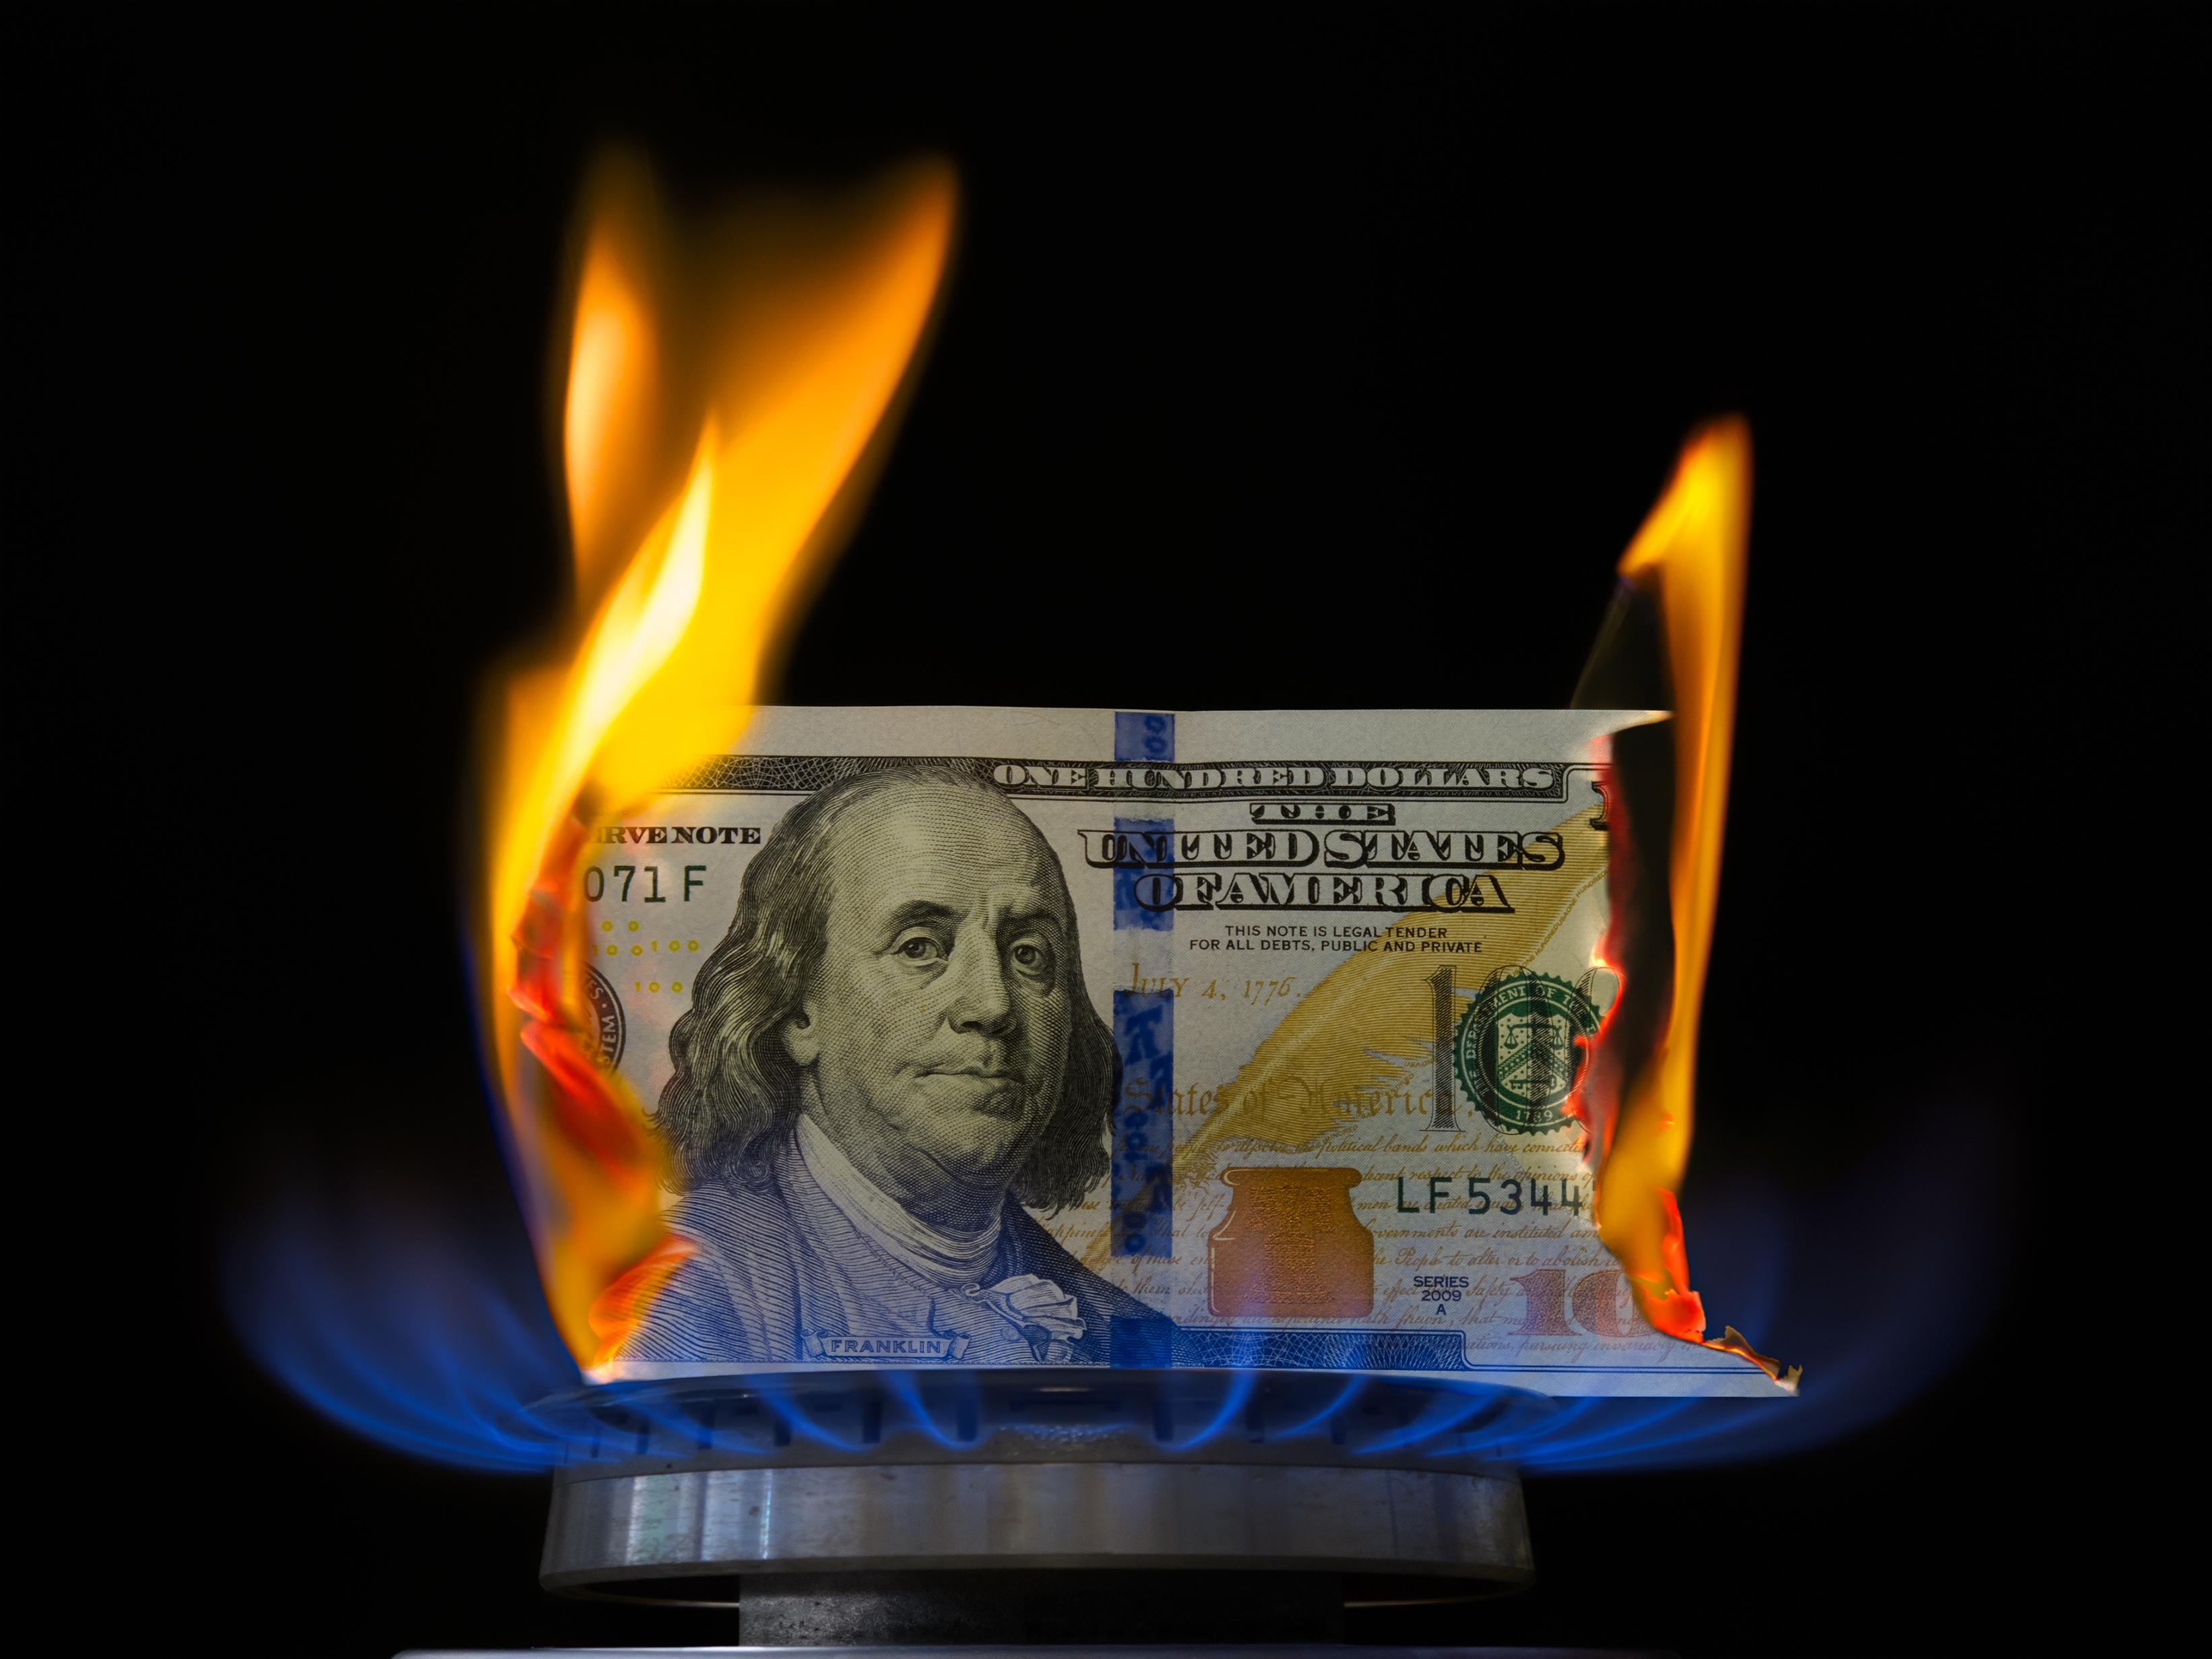 One hundred dollar bill burning.